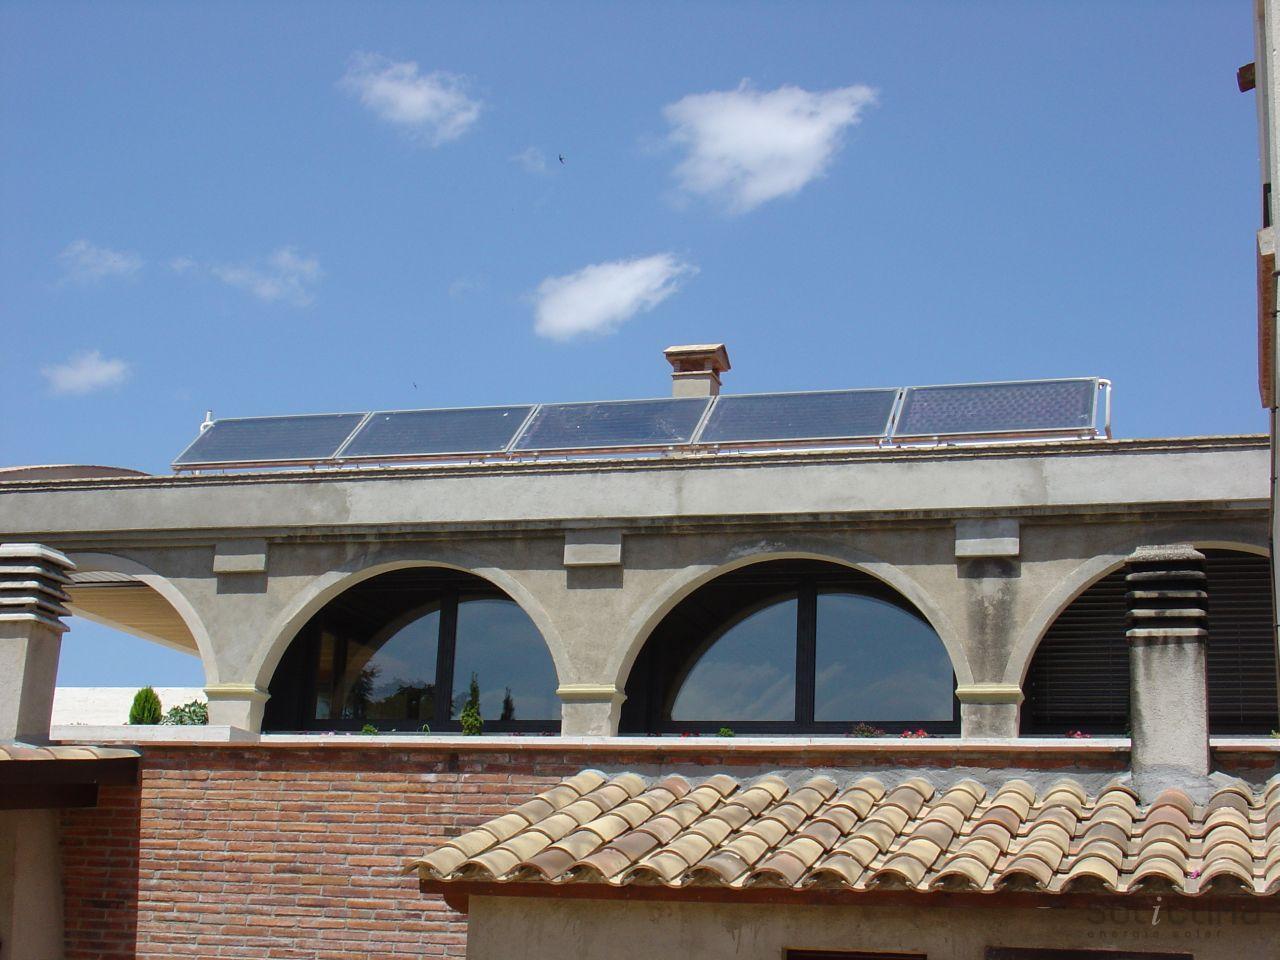 Ahorro de energia for Calderas calefaccion lena alto rendimiento